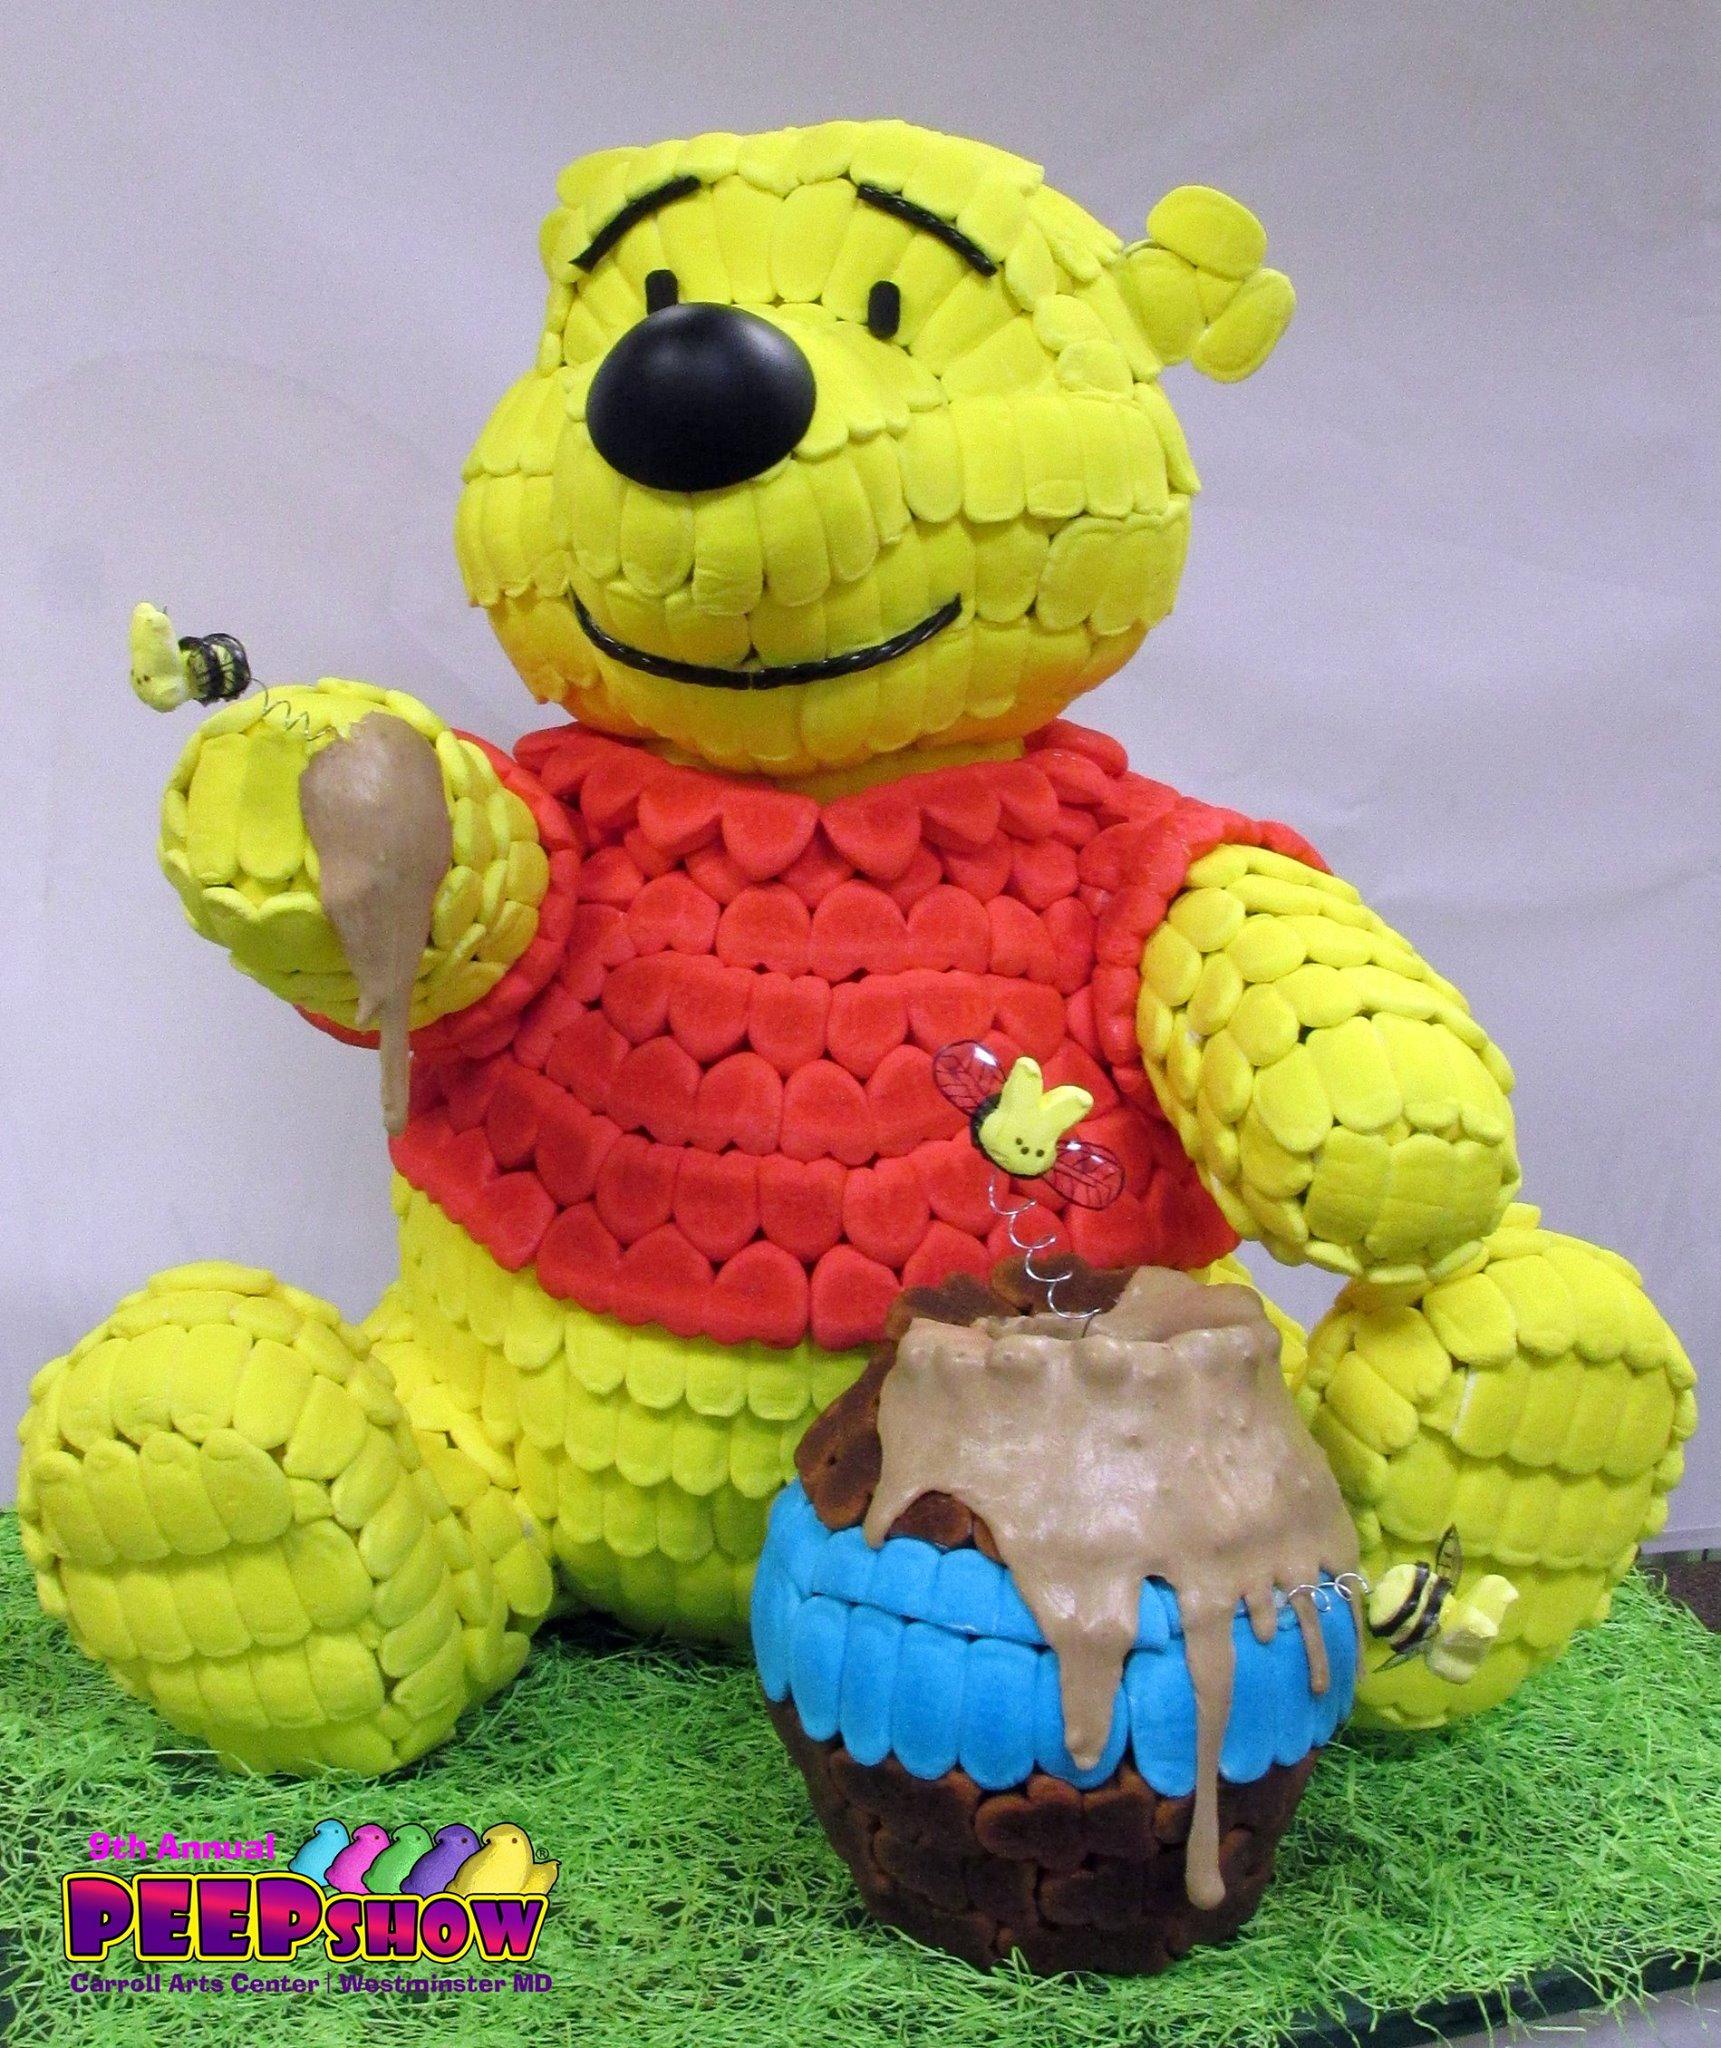 Peeps Pooh